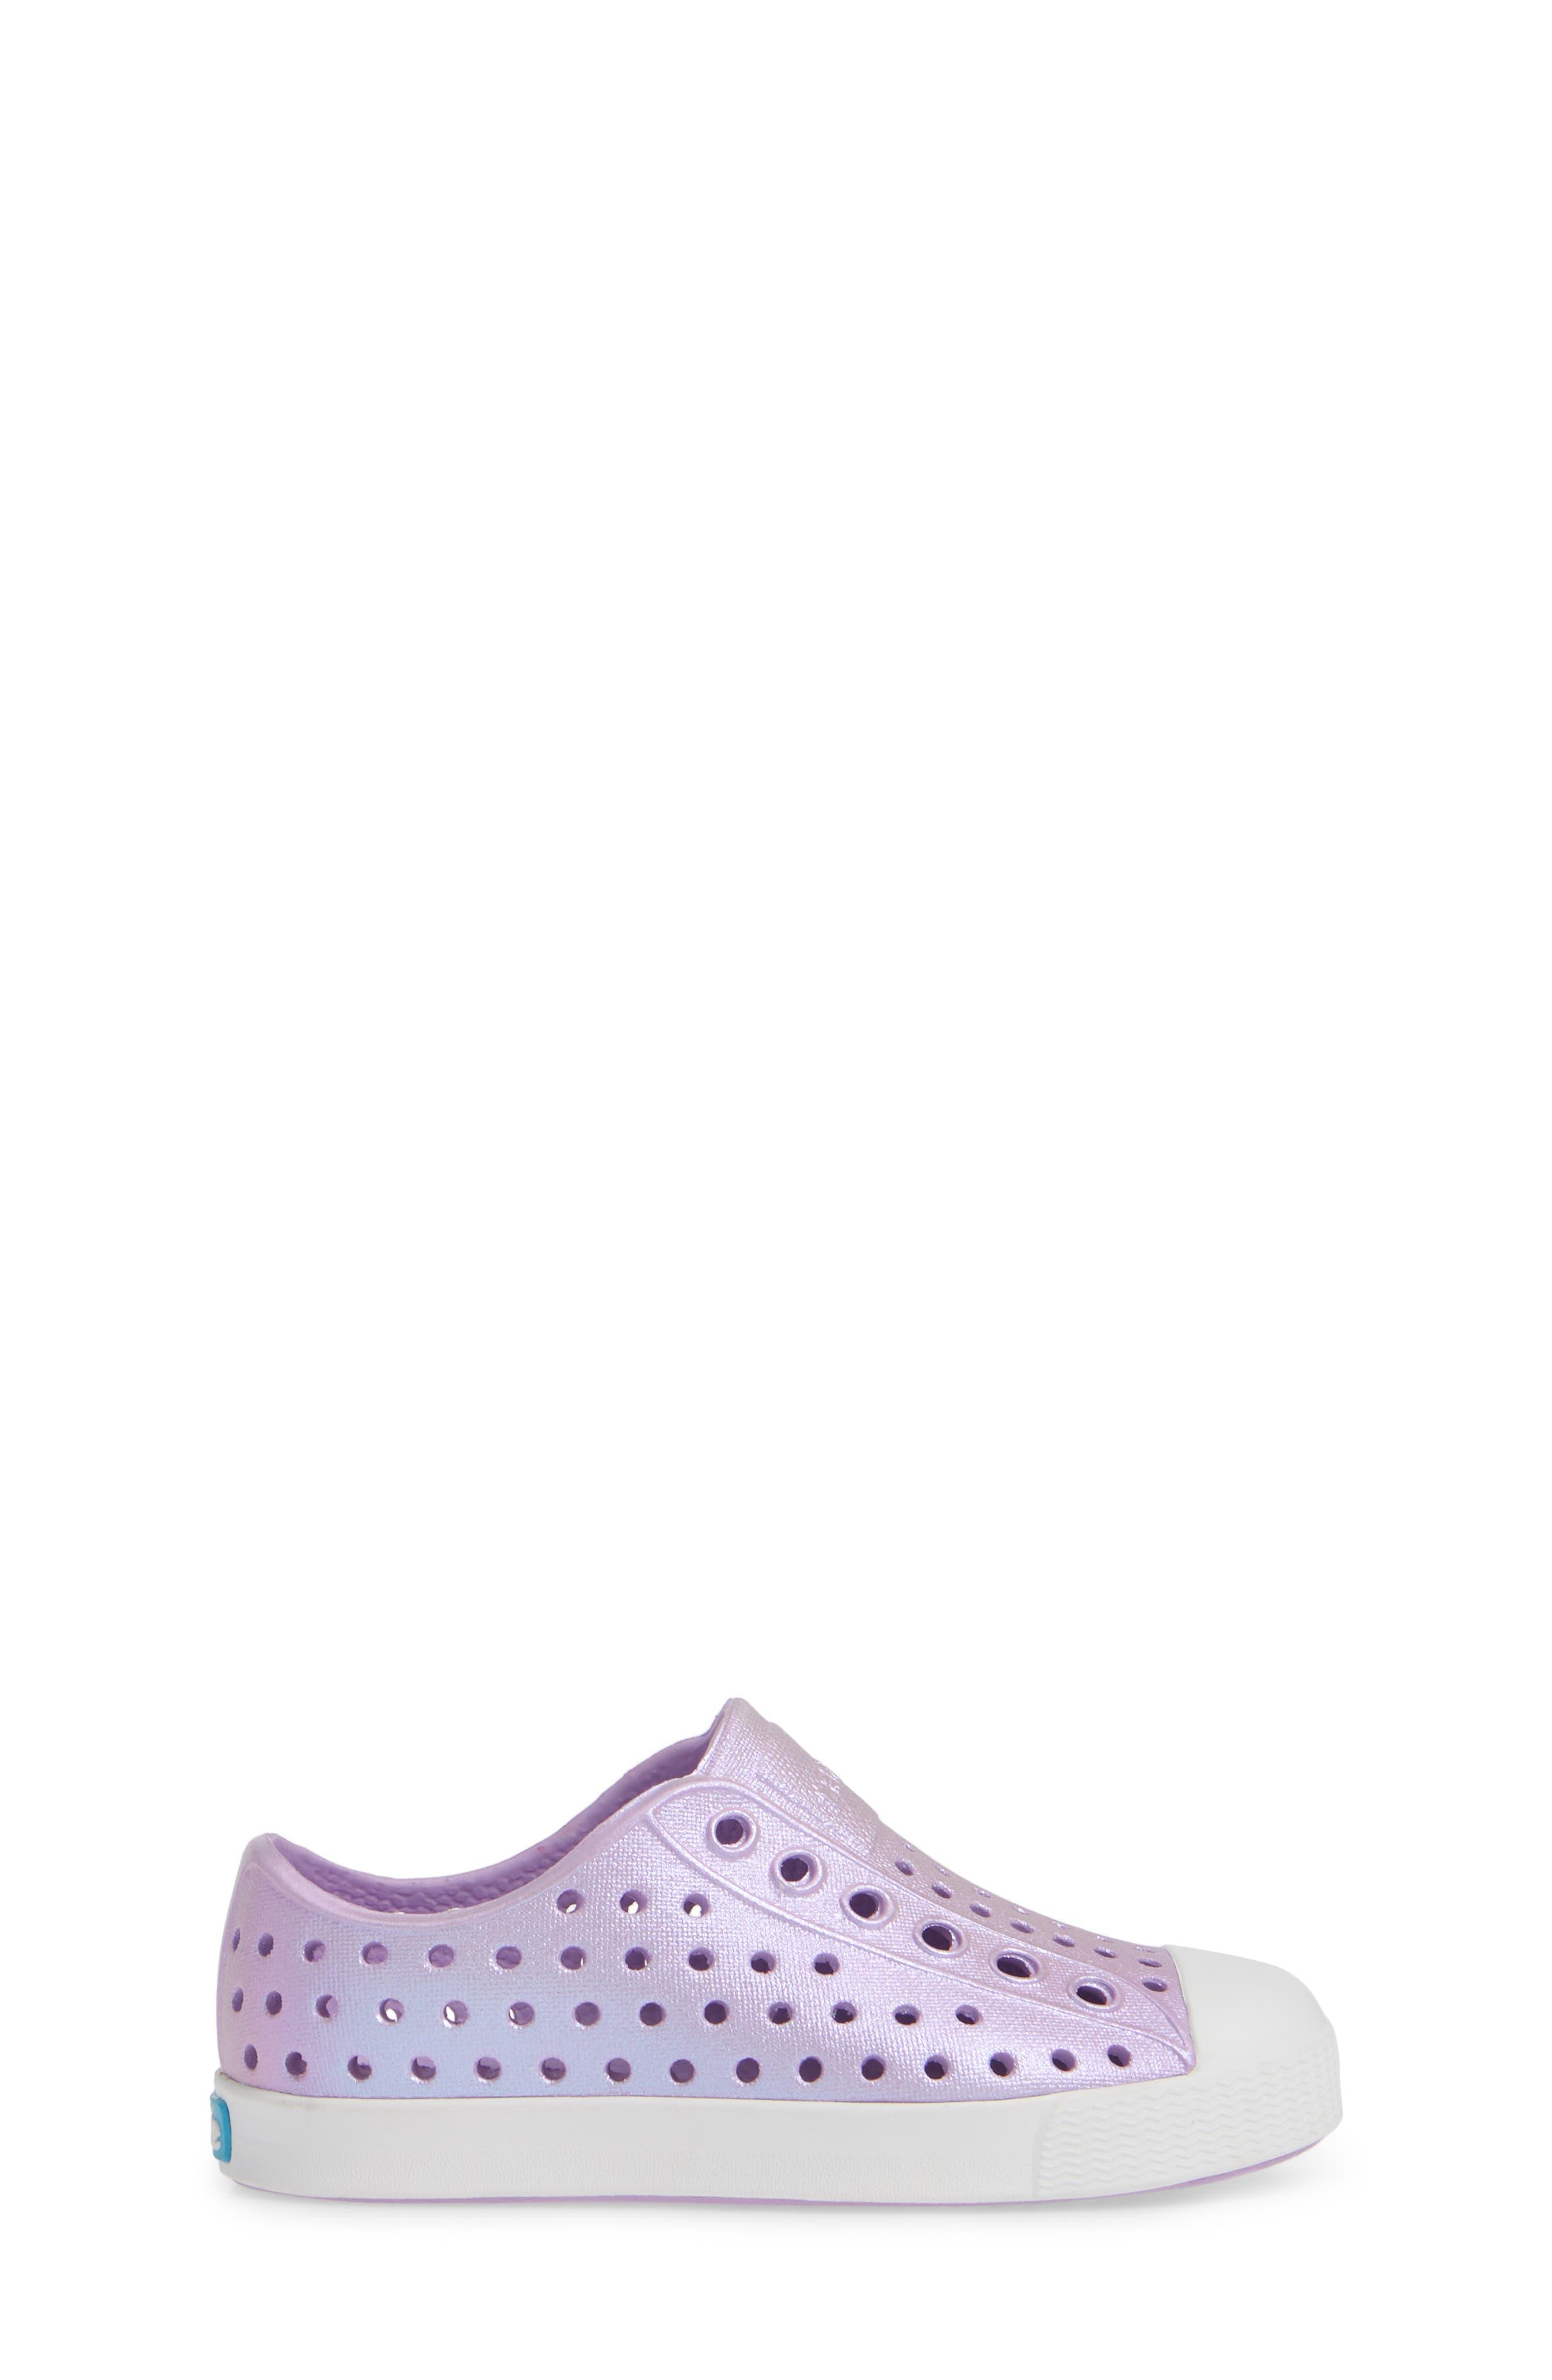 Jefferson Iridescent Slip-On Vegan Sneaker,                             Alternate thumbnail 3, color,                             LAVENDER/ SHELL WHITE/ GALAXY